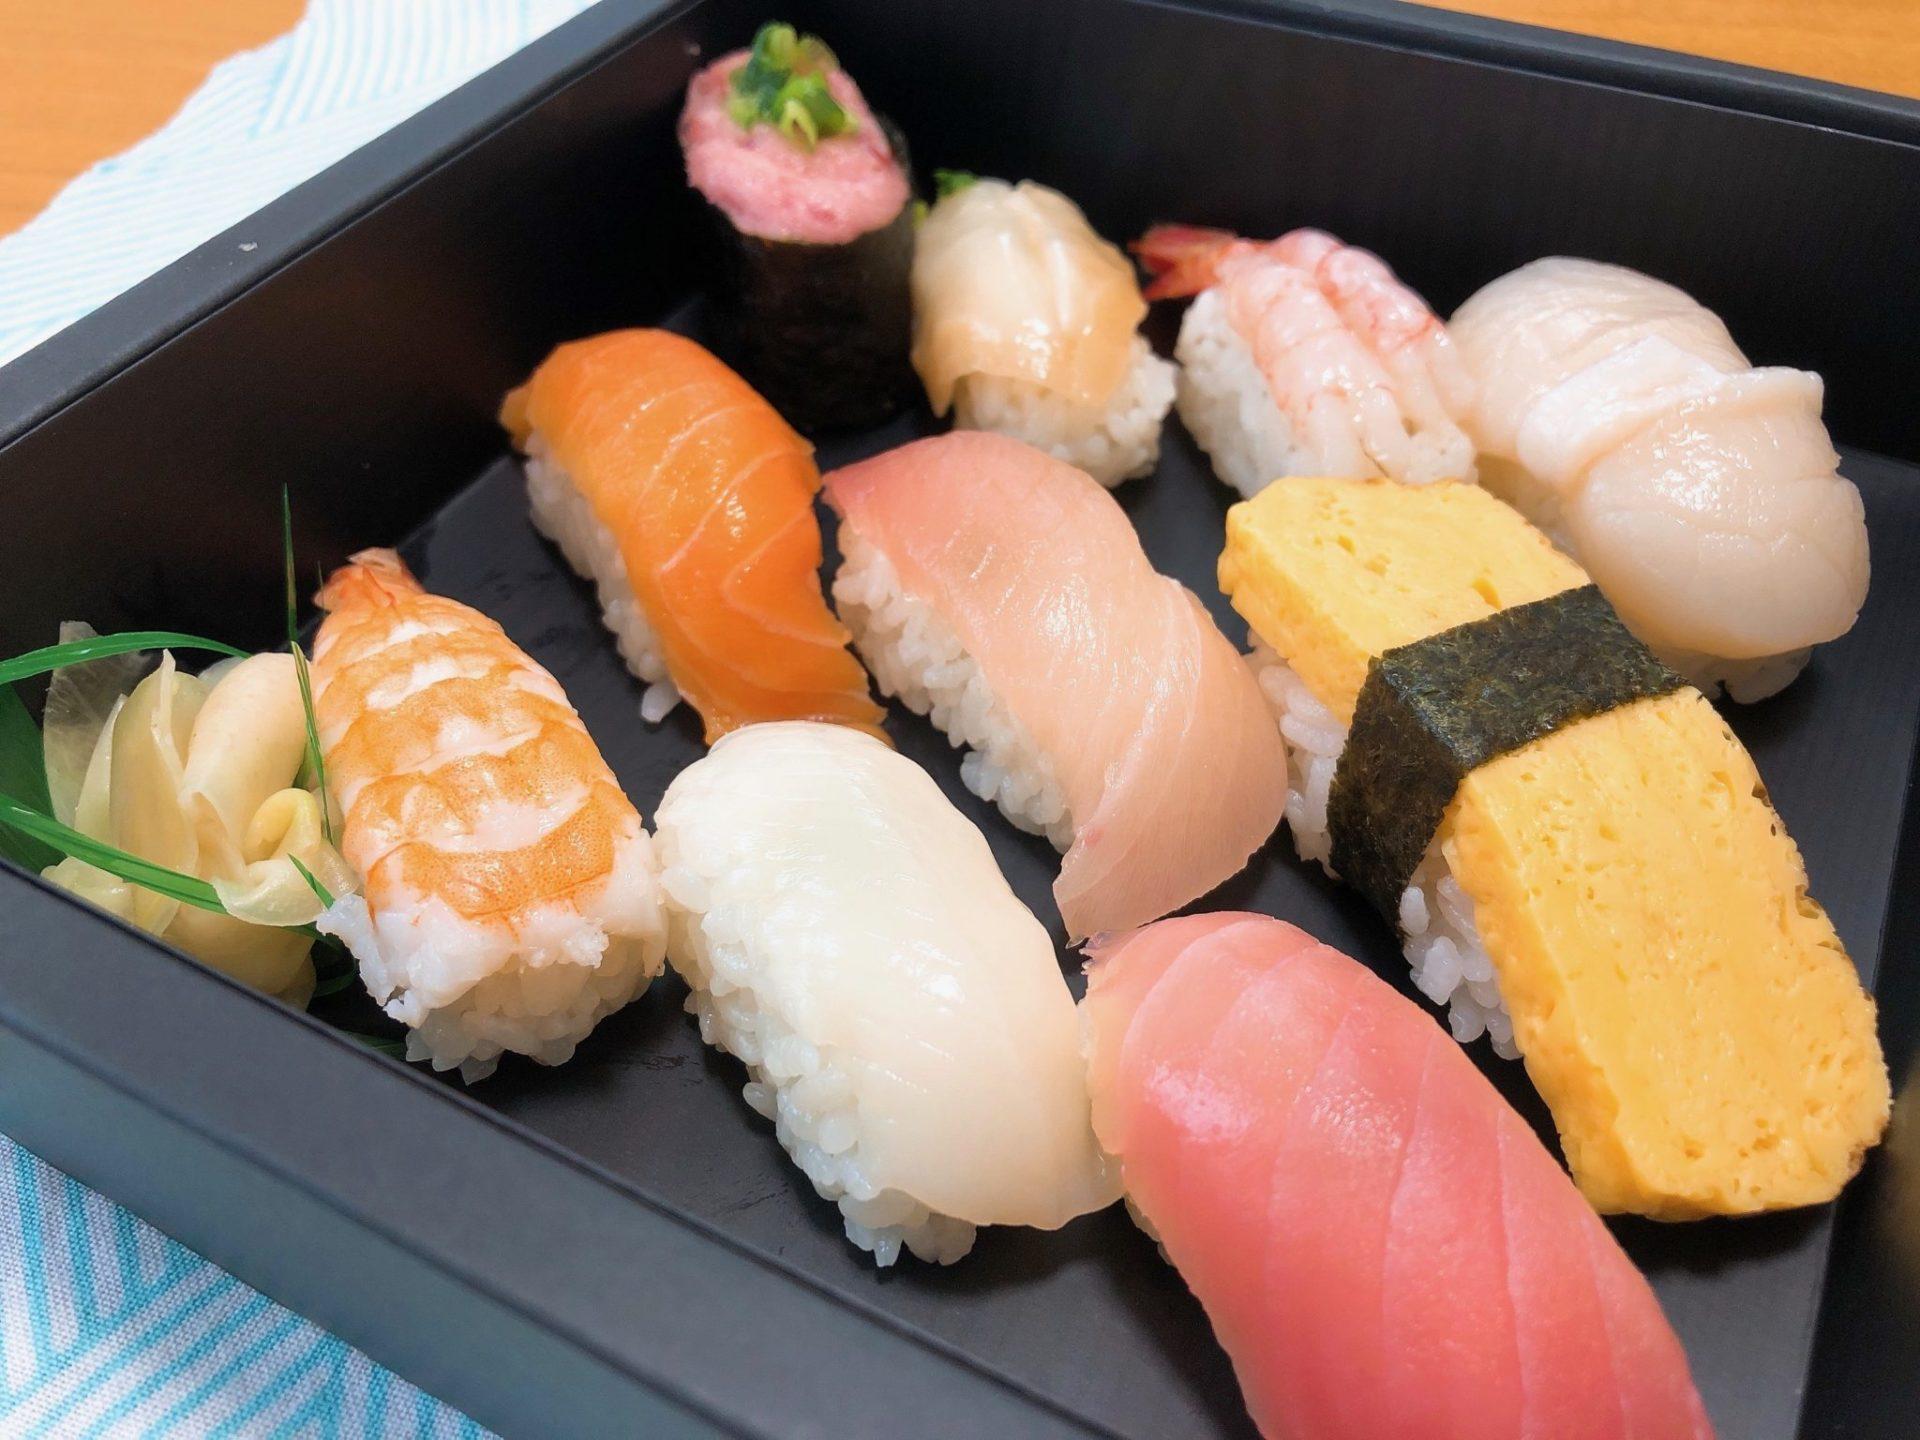 柿家鮨(かきやずし)のにぎり寿司梅